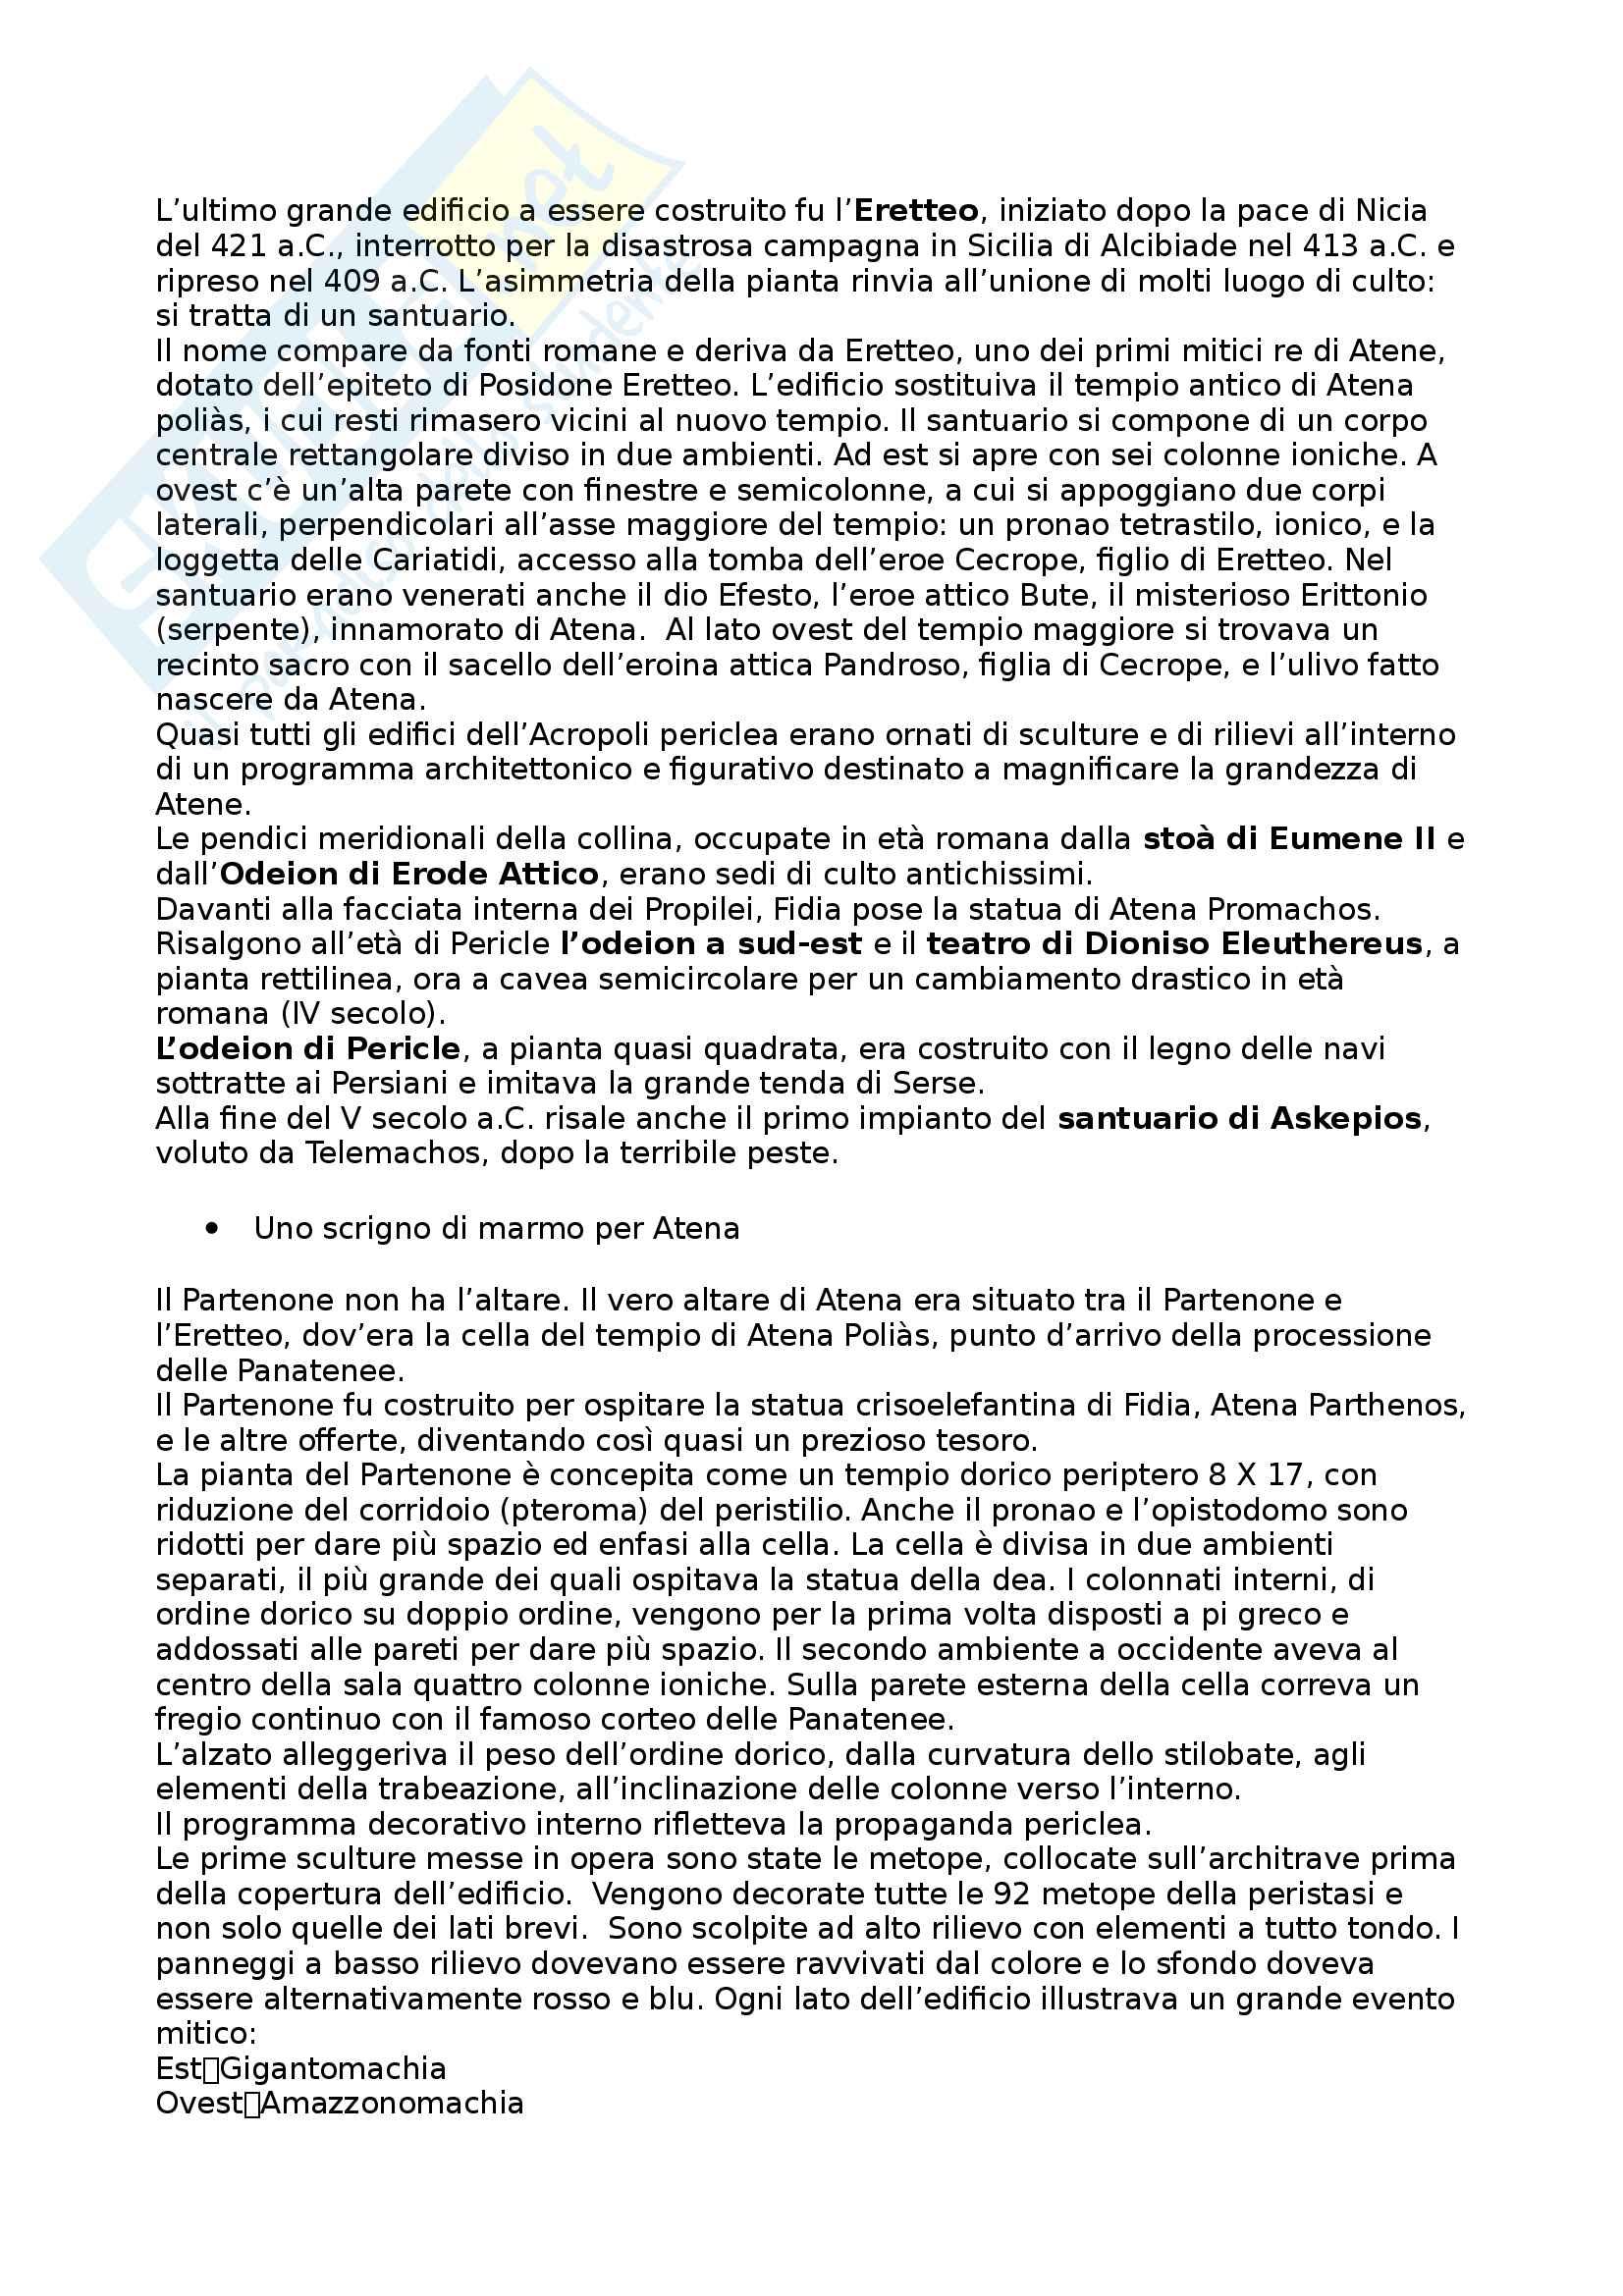 Riassunto esame Arte e Archeologia Greca, prof. Bejor, libro consigliato Arte Greca: Dal decimo al primo secolo a.C di Bejor, Castoldi e Lambrugo Pag. 41